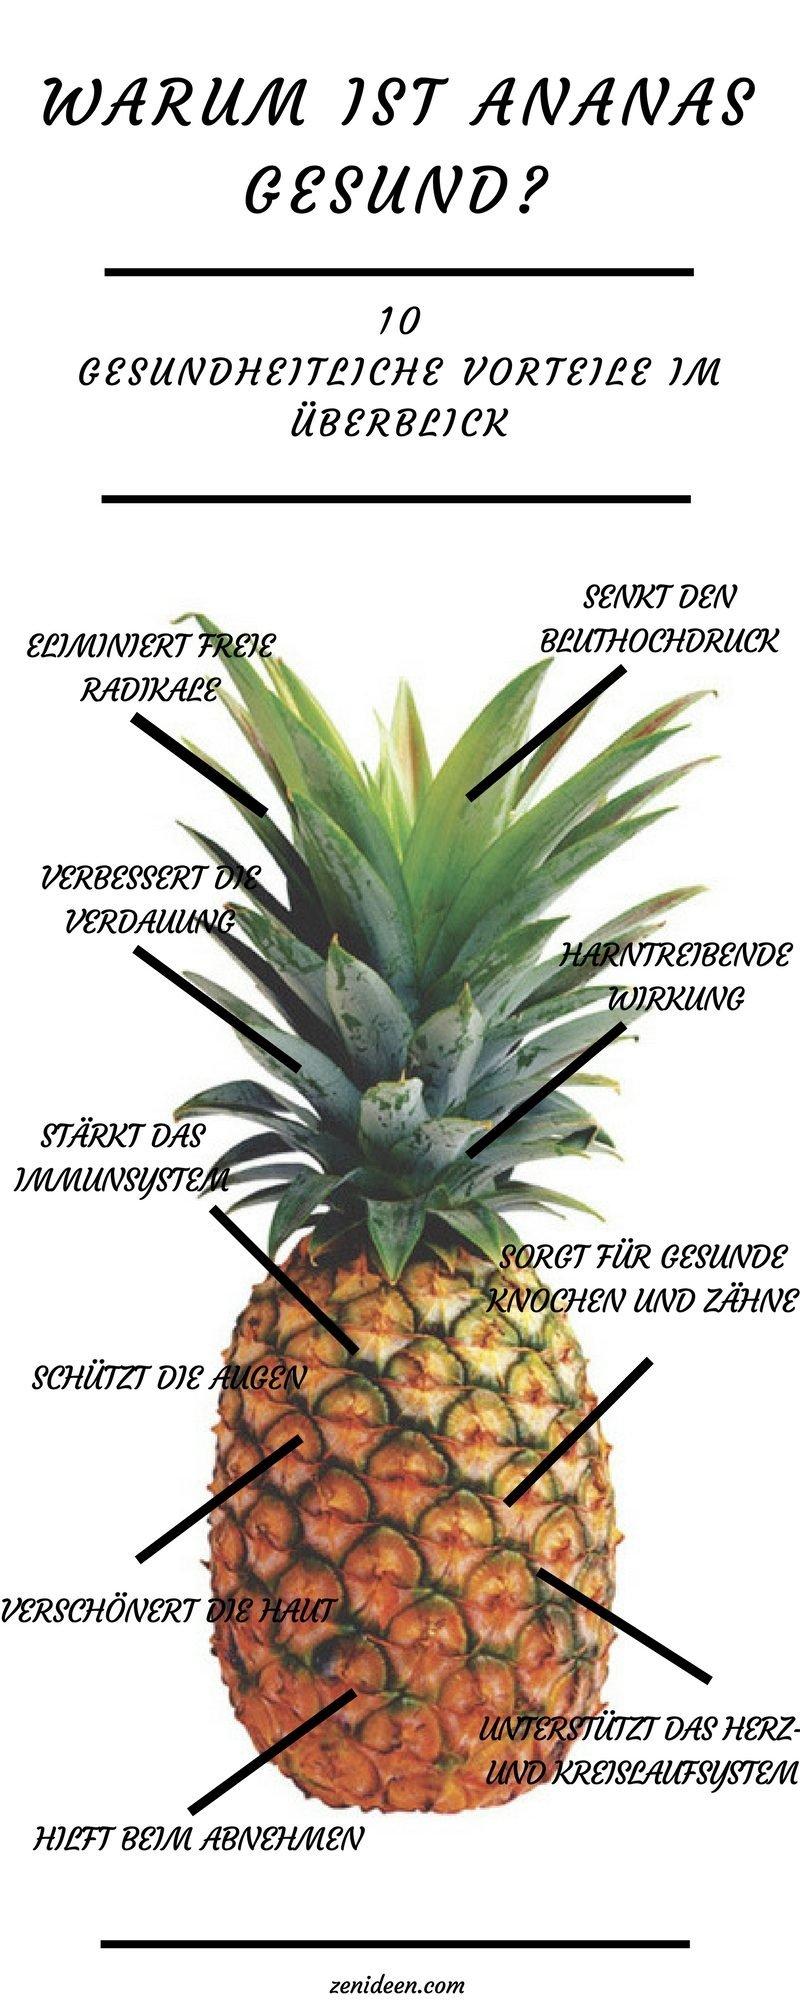 ananas gesund ananas nährwerte ananas gesundheitliche vorteile